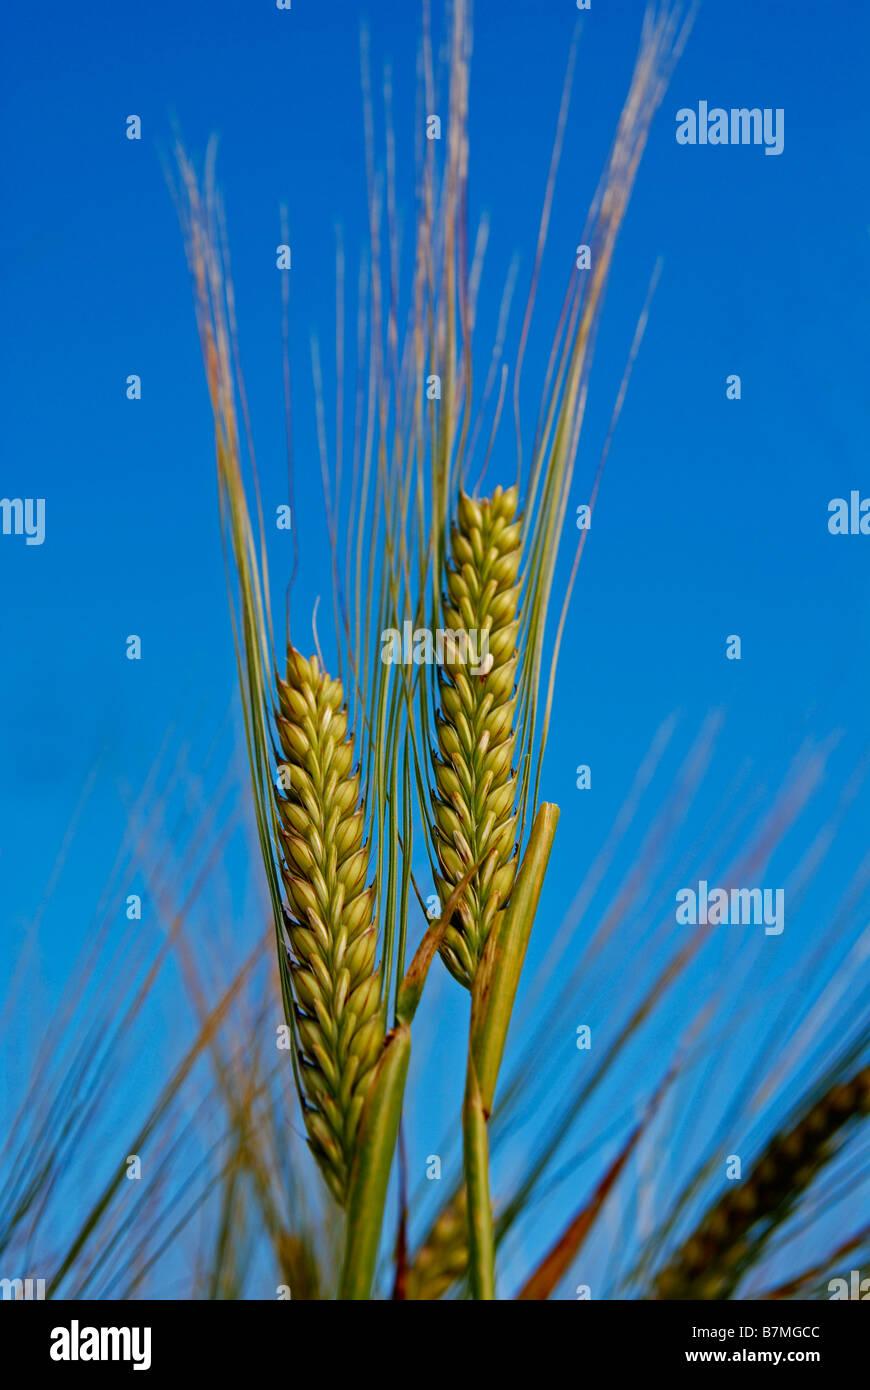 Une gerbe de blé d'or Photo Stock